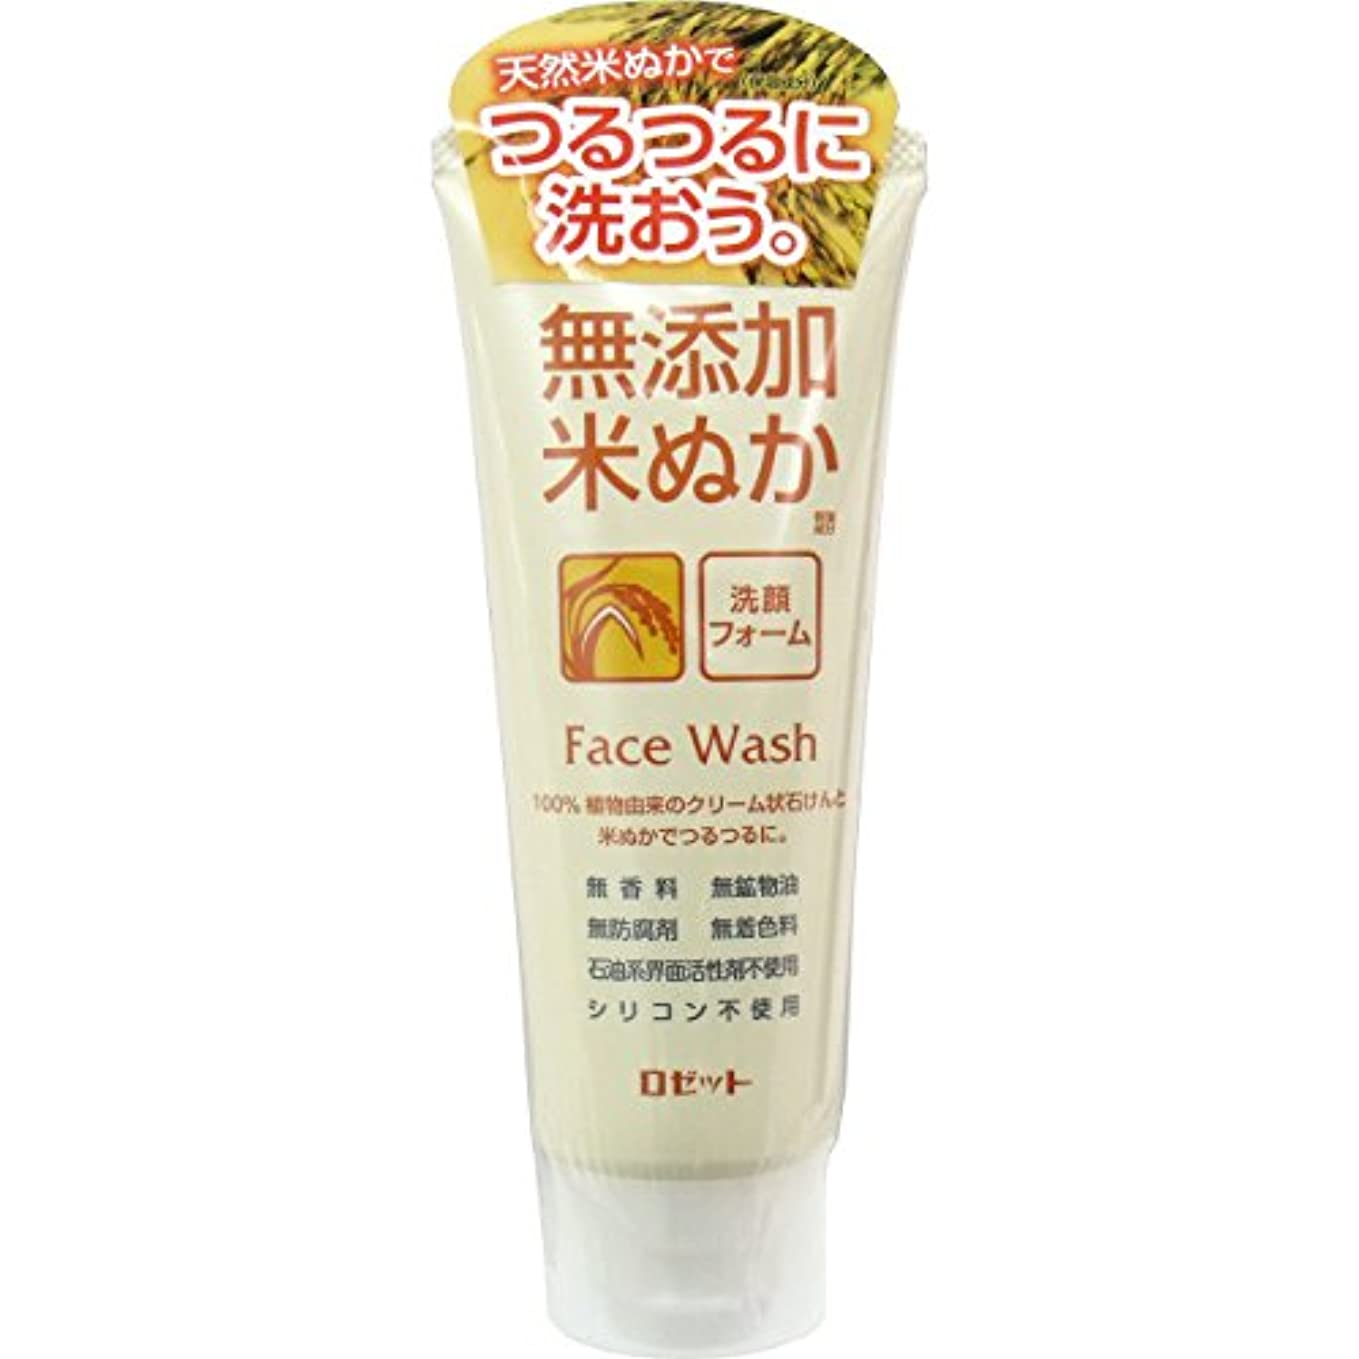 車両名門テープ【ロゼット】無添加米ぬか洗顔フォーム 140g ×10個セット